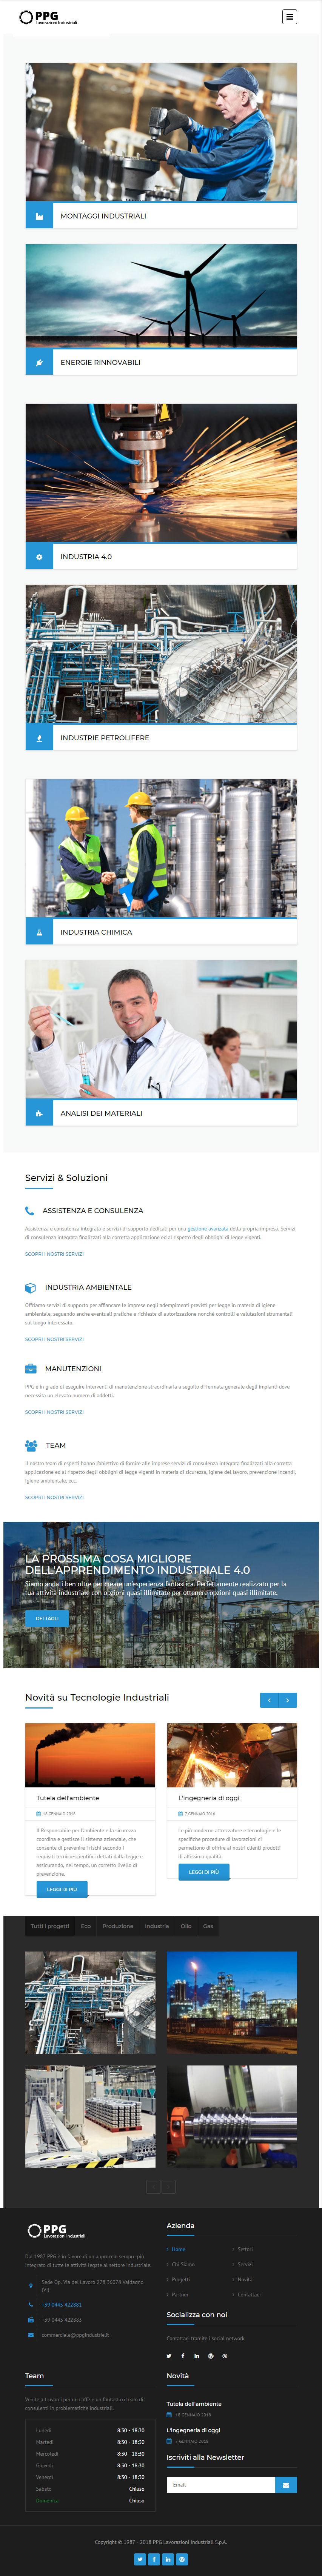 Siti Web Aziendali per Carpenterie e Lavorazioni Industriali